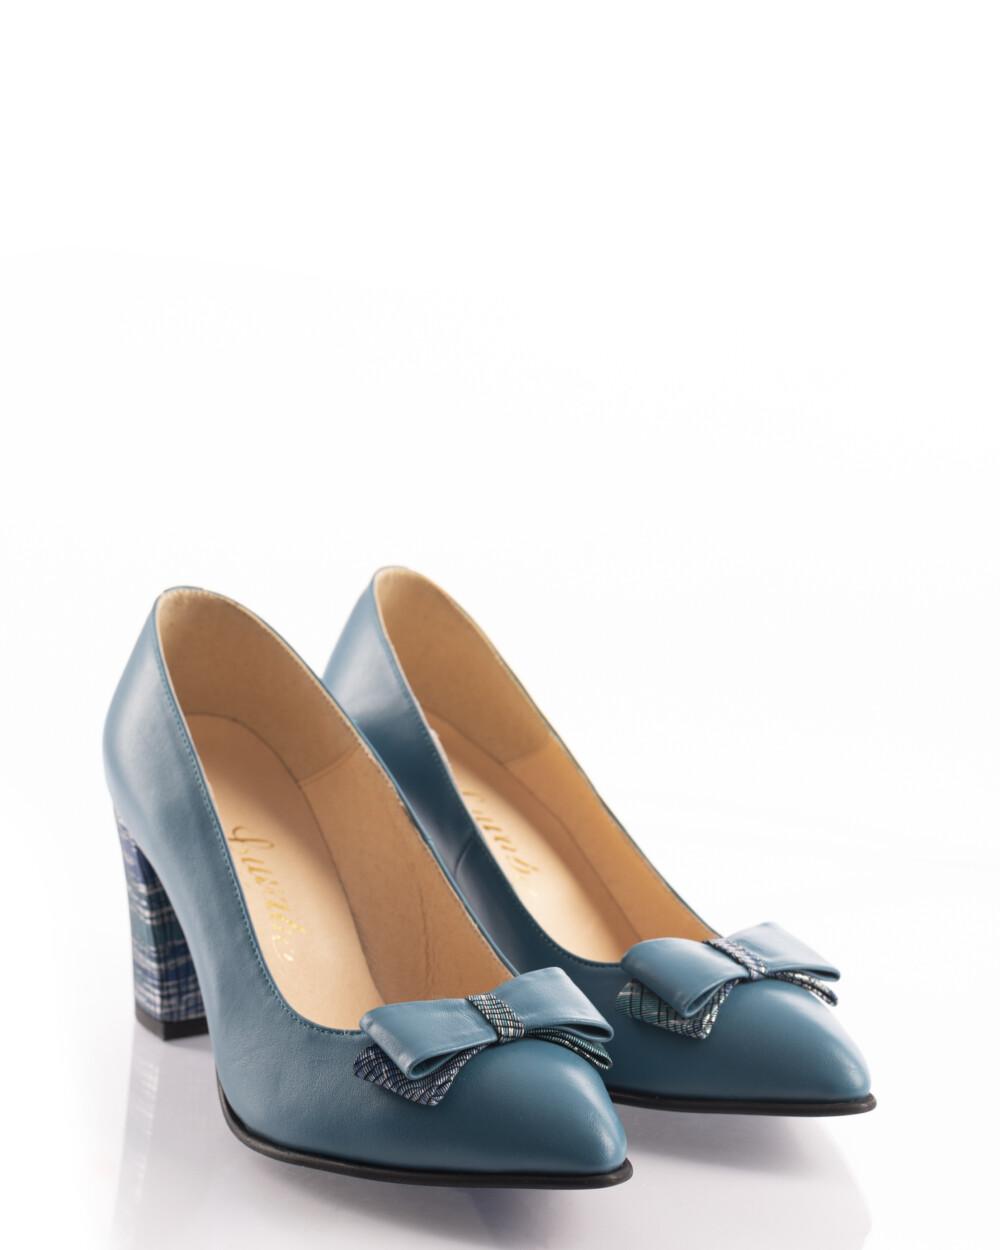 pantofi office albaștri din piele naturală